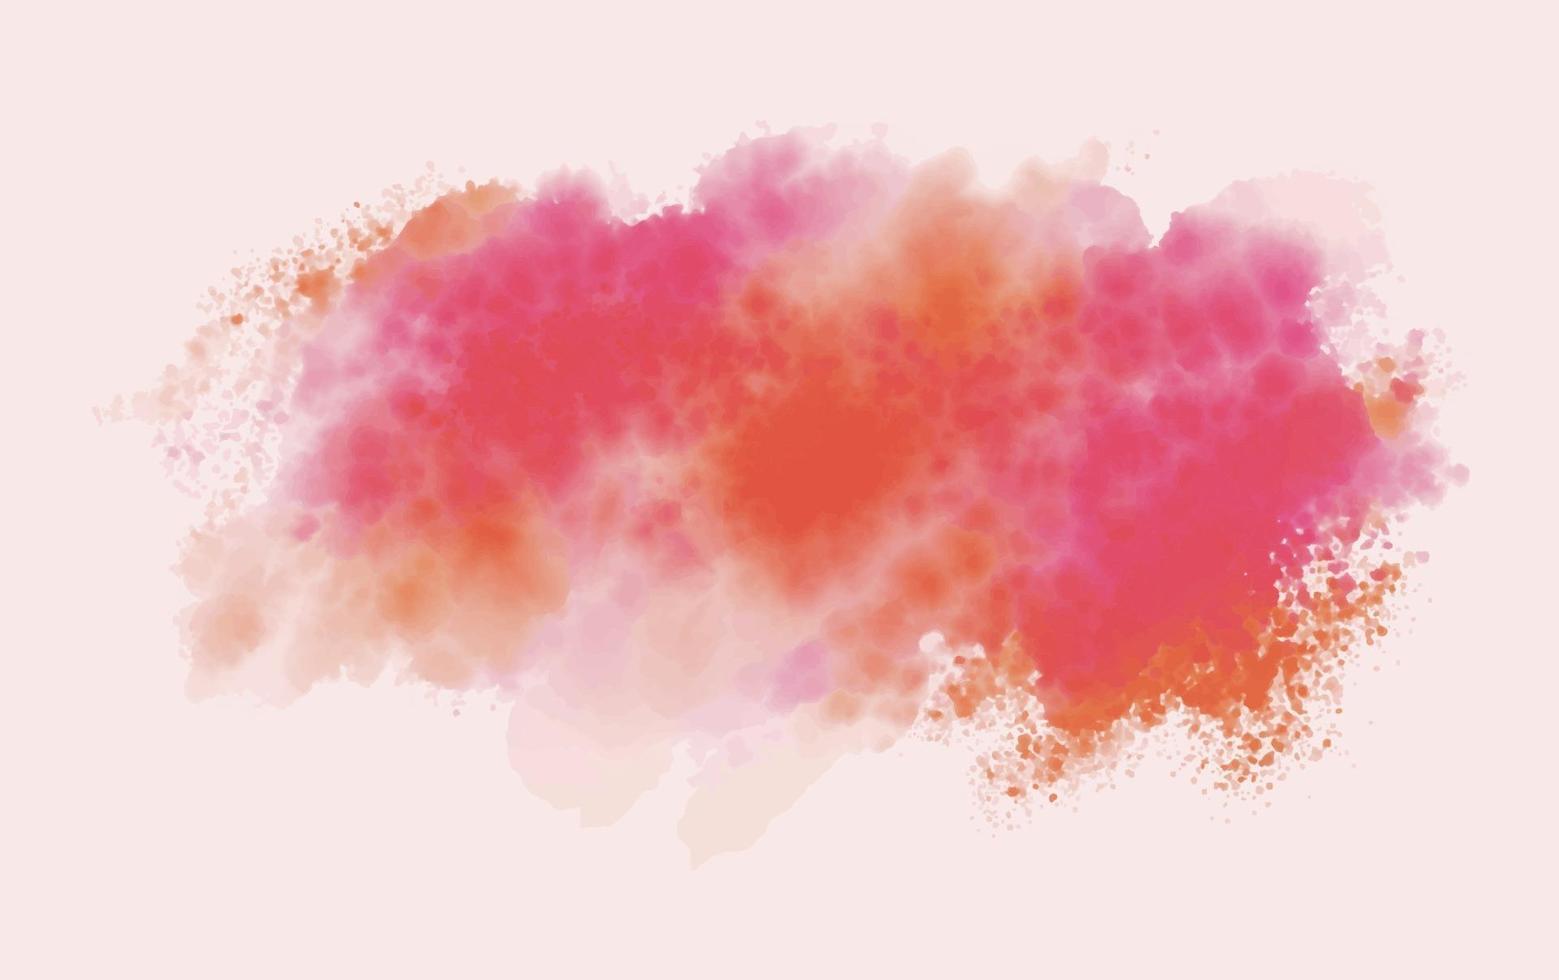 aquarel penseel textuur achtergrond vectorillustratie vector